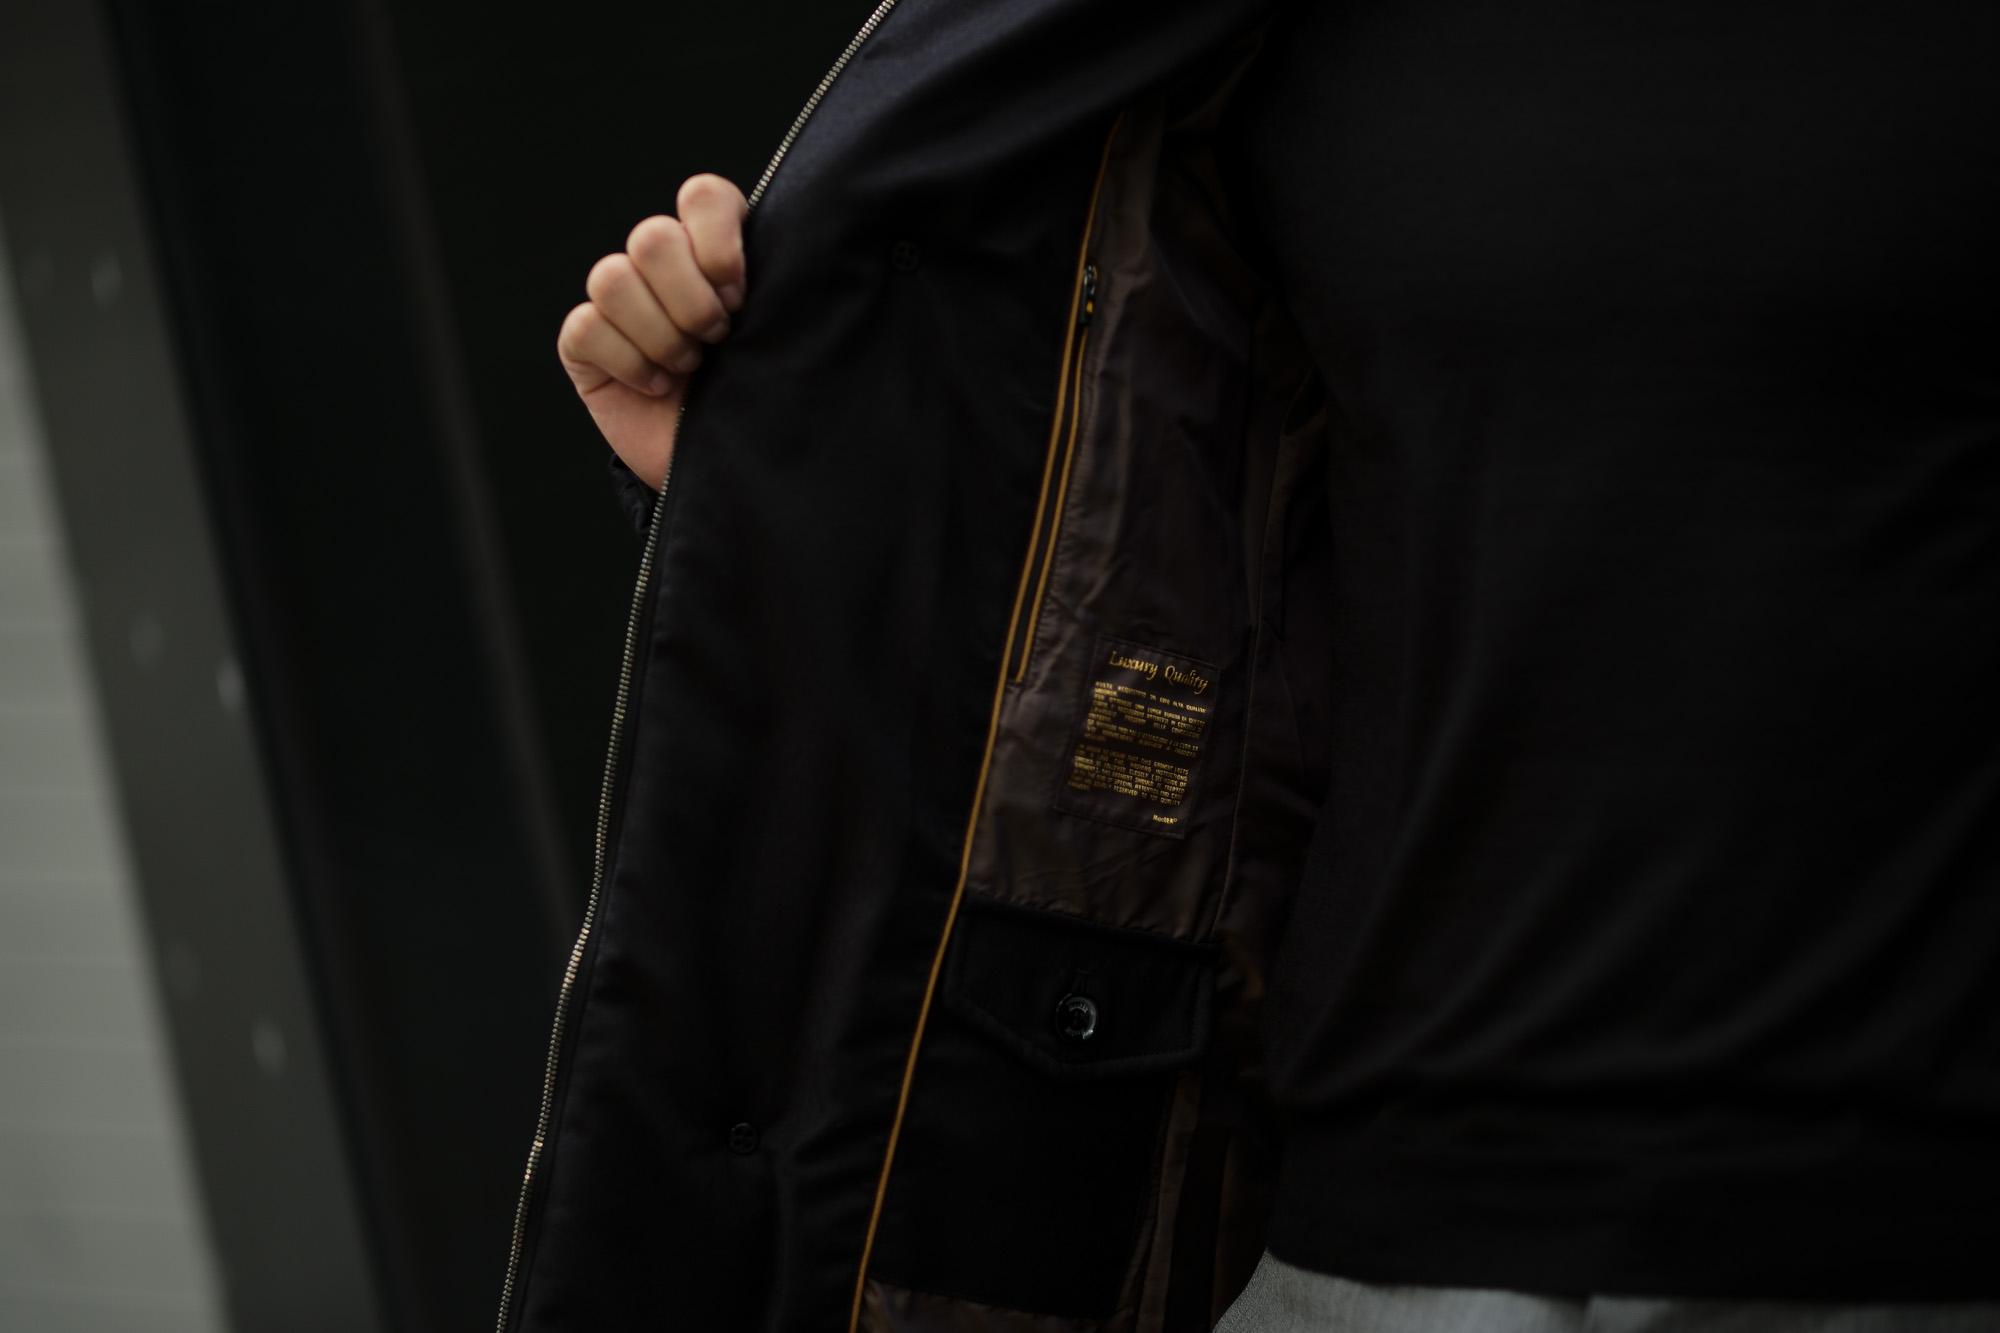 MOORER (ムーレー)MORRIS-L (モーリス) LoroPiana (ロロピアーナ) ウールカシミア ダブルブレスト ダウン コート NERO(ブラック・08) Made in italy (イタリア製) 2019 秋冬新作 愛知 名古屋 altoediritto アルトエデリット